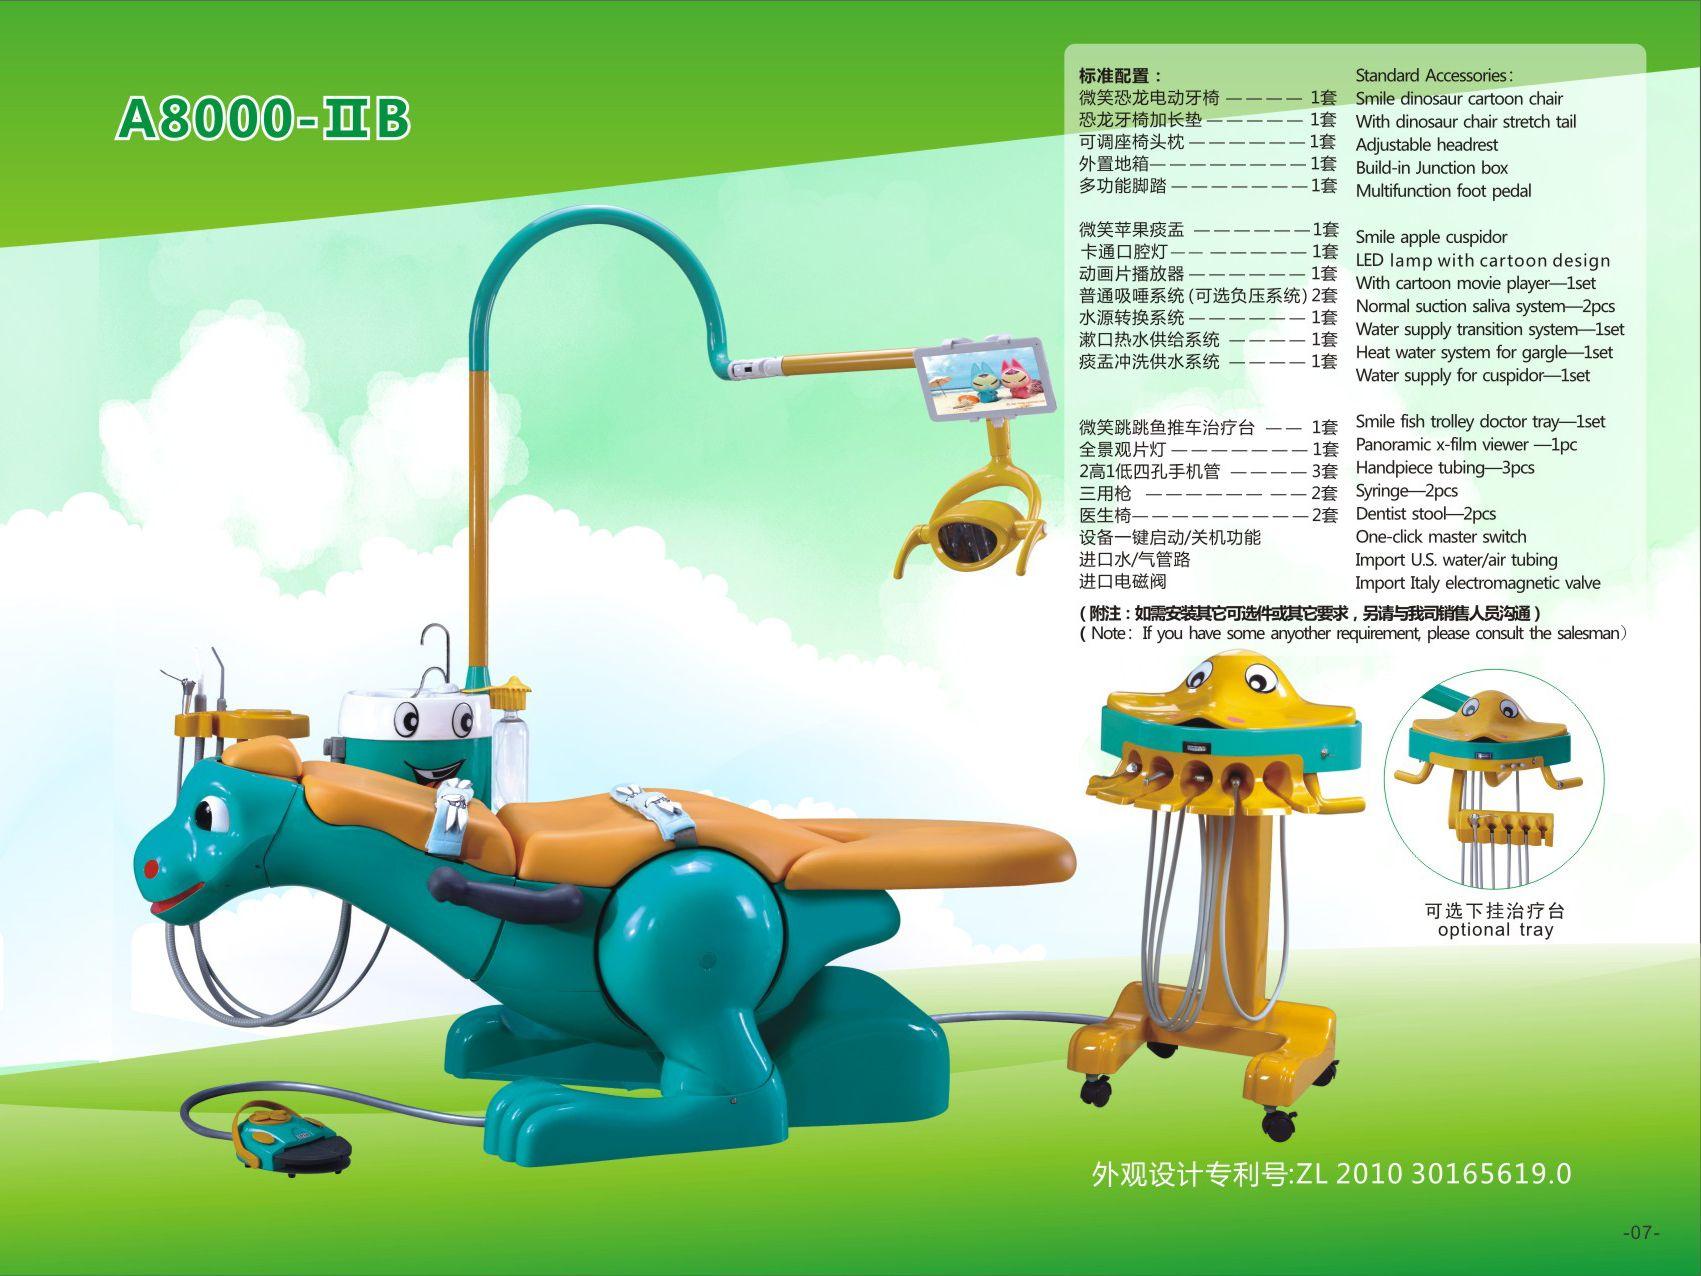 儿童牙椅A8000-II2B